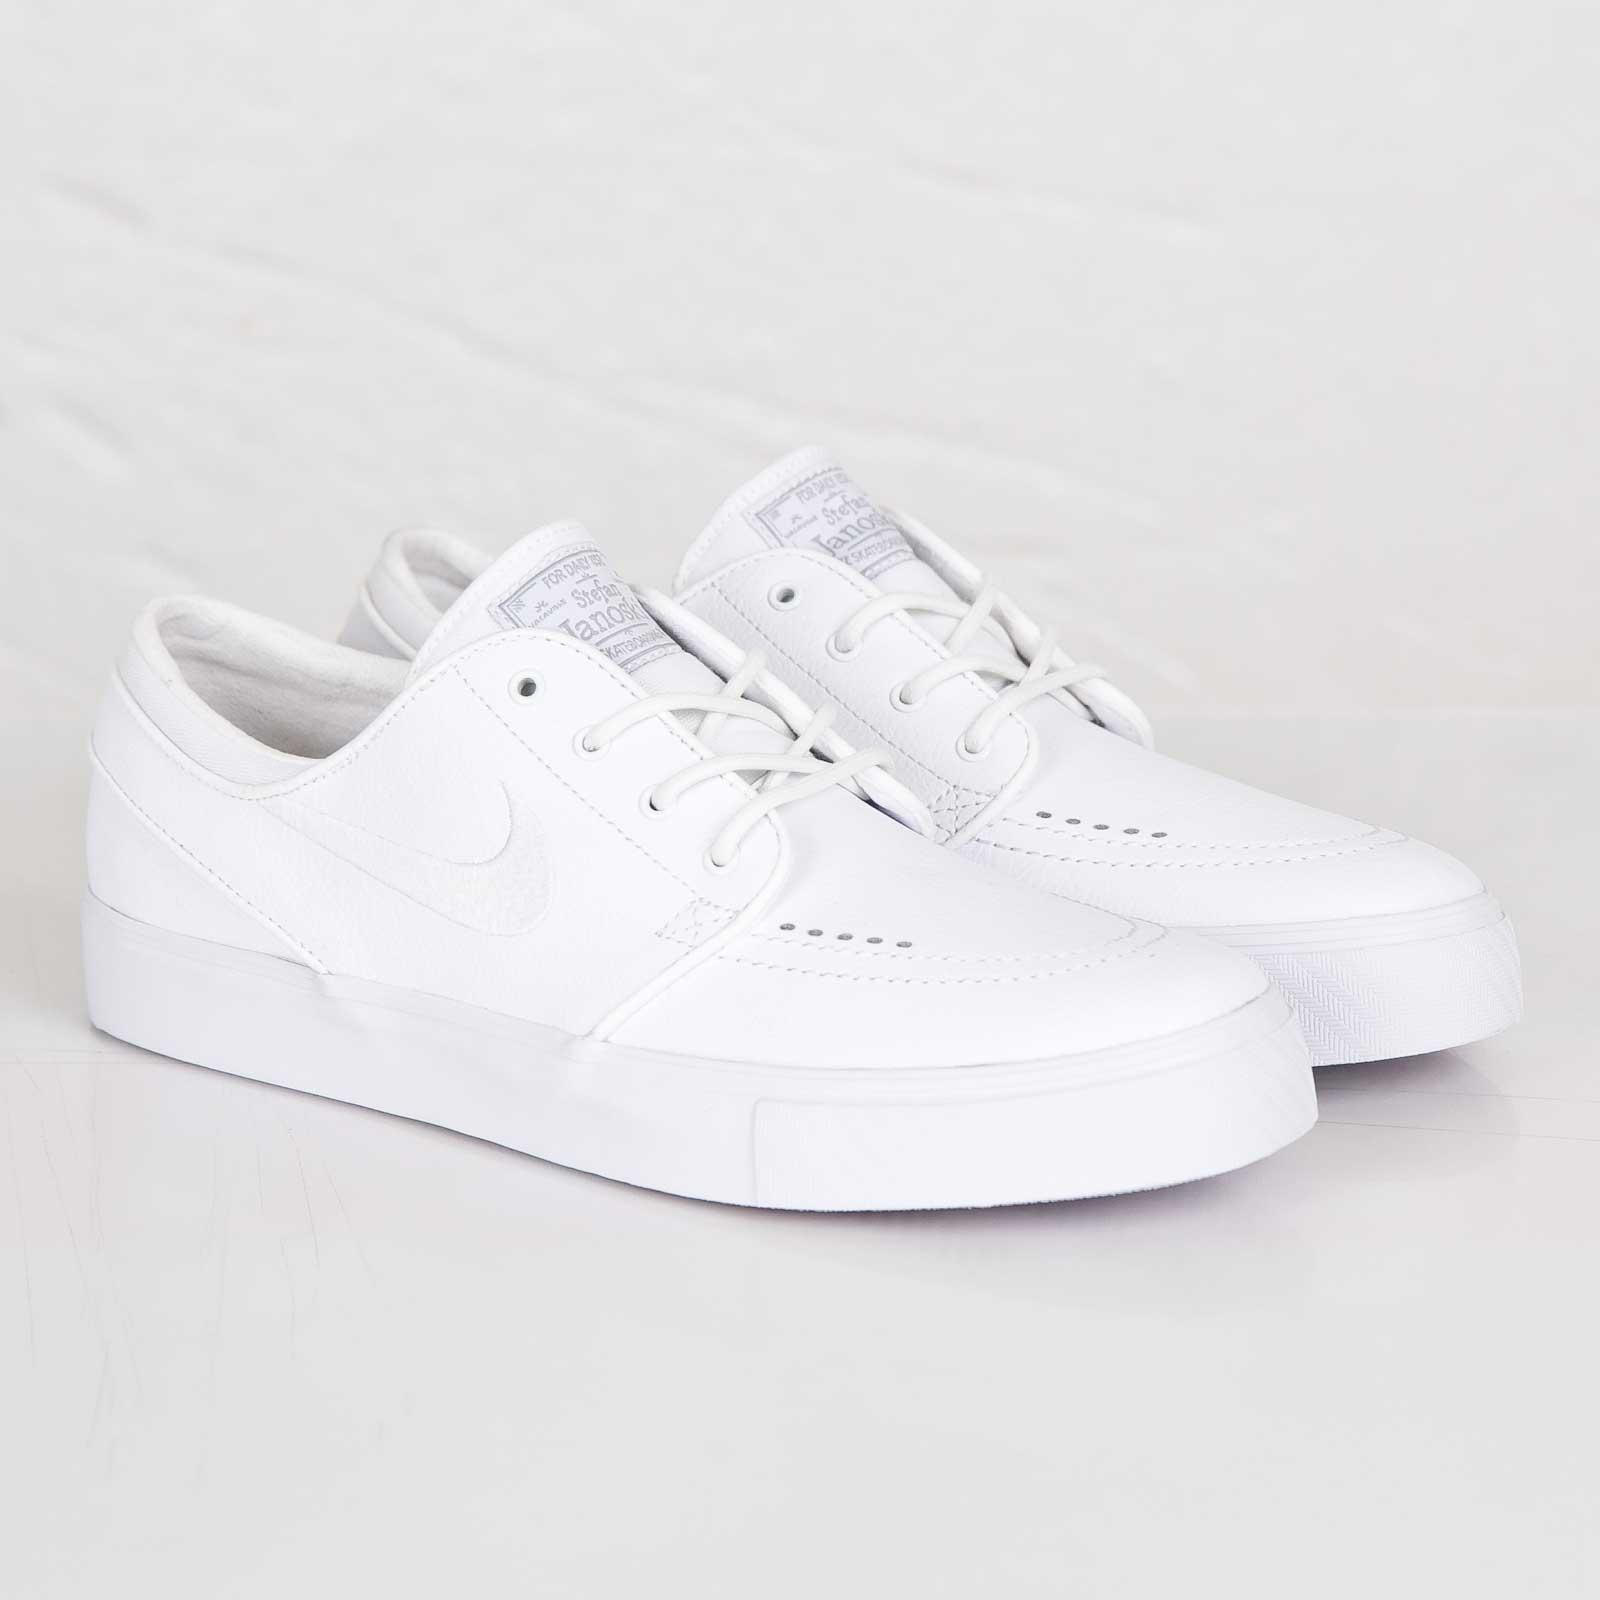 hot sale online 75024 92322 Nike Zoom Stefan Janoski Leather